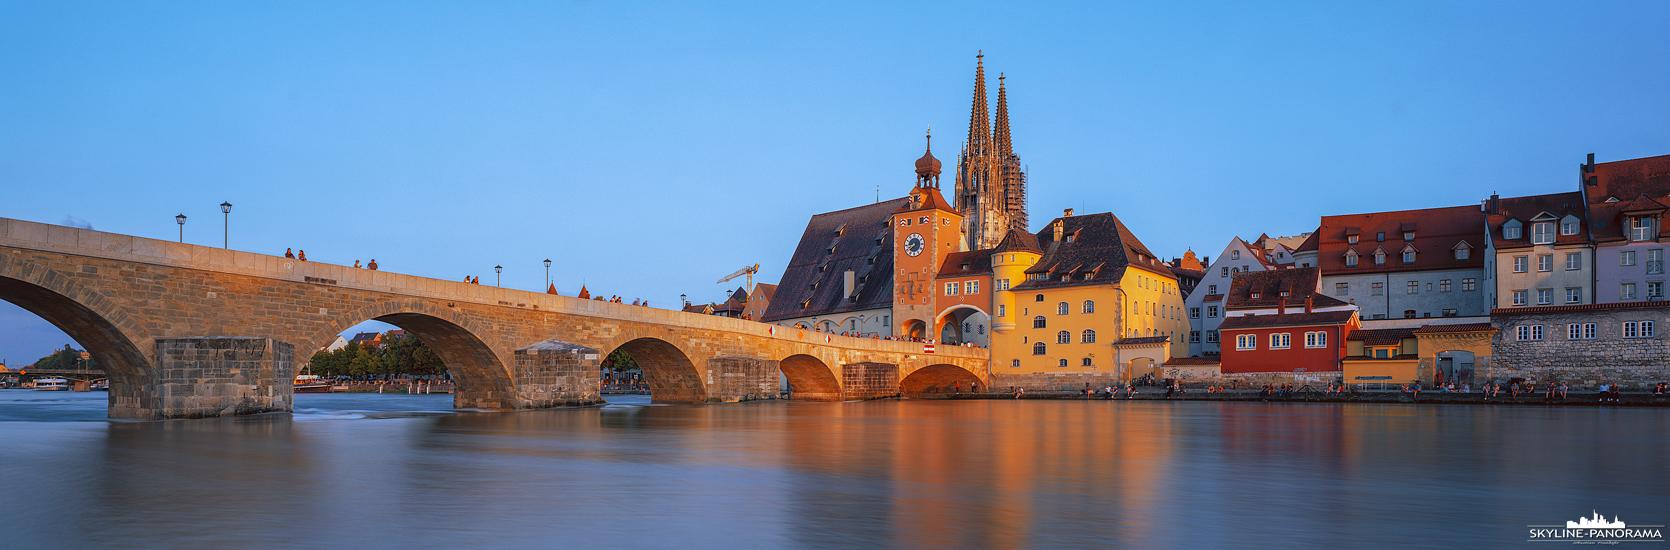 Die Altstadtansicht von Regensburg mit dem Regensburger Dom St. Peter, als bekanntestes Bauwerk der Stadt, und der Steinernen Brücke über der Donau. Das Panorama entstand zum Sonnenuntergang, wodurch die Fassaden in warmes Sonnenlicht getaucht sind.